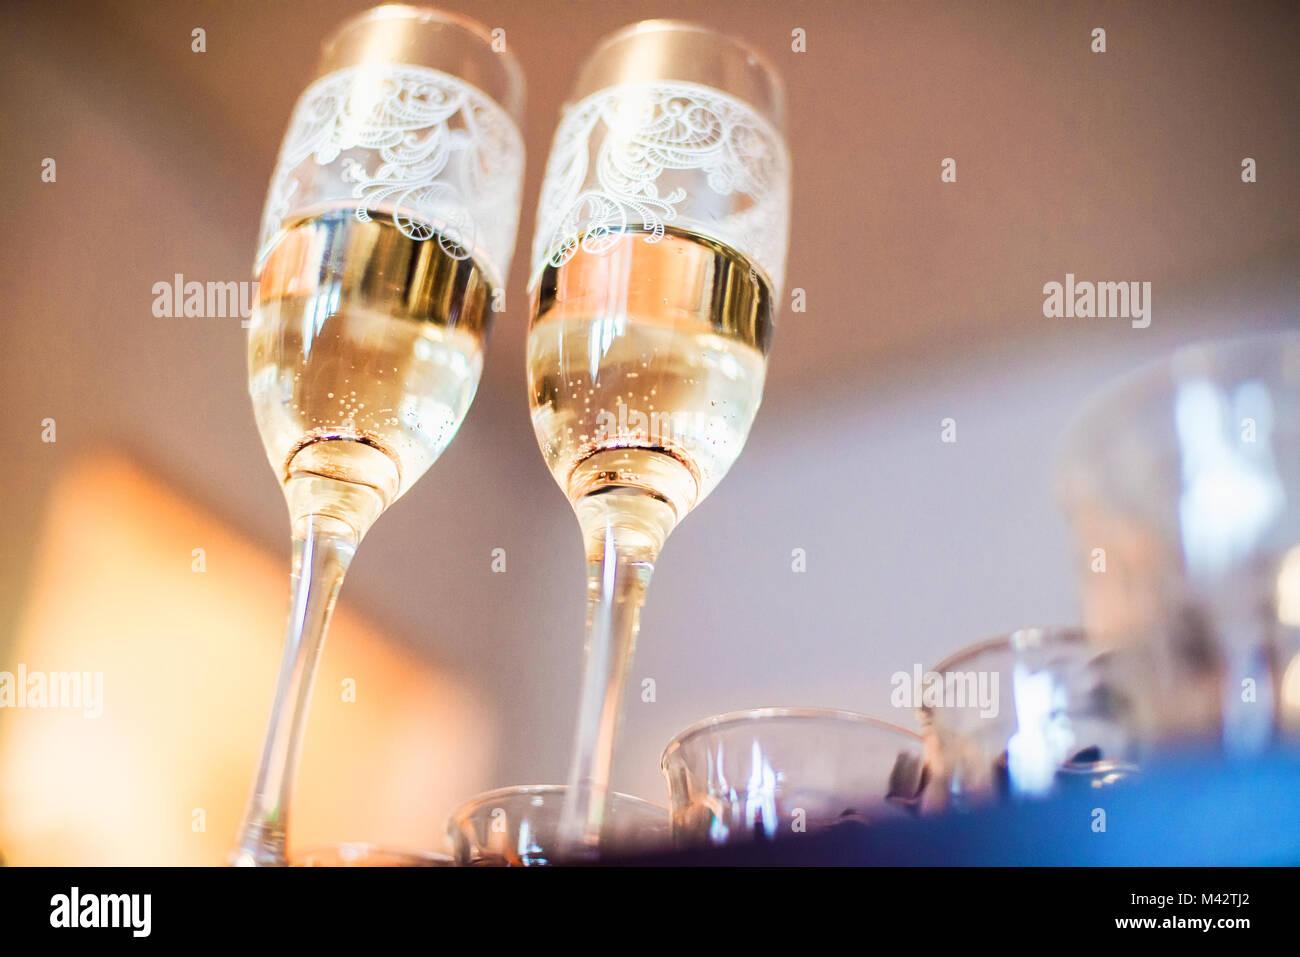 Due bicchieri di champagne con gli anelli di nozze sul fondo fotografato dall'angolo inferiore per una profondità Immagini Stock